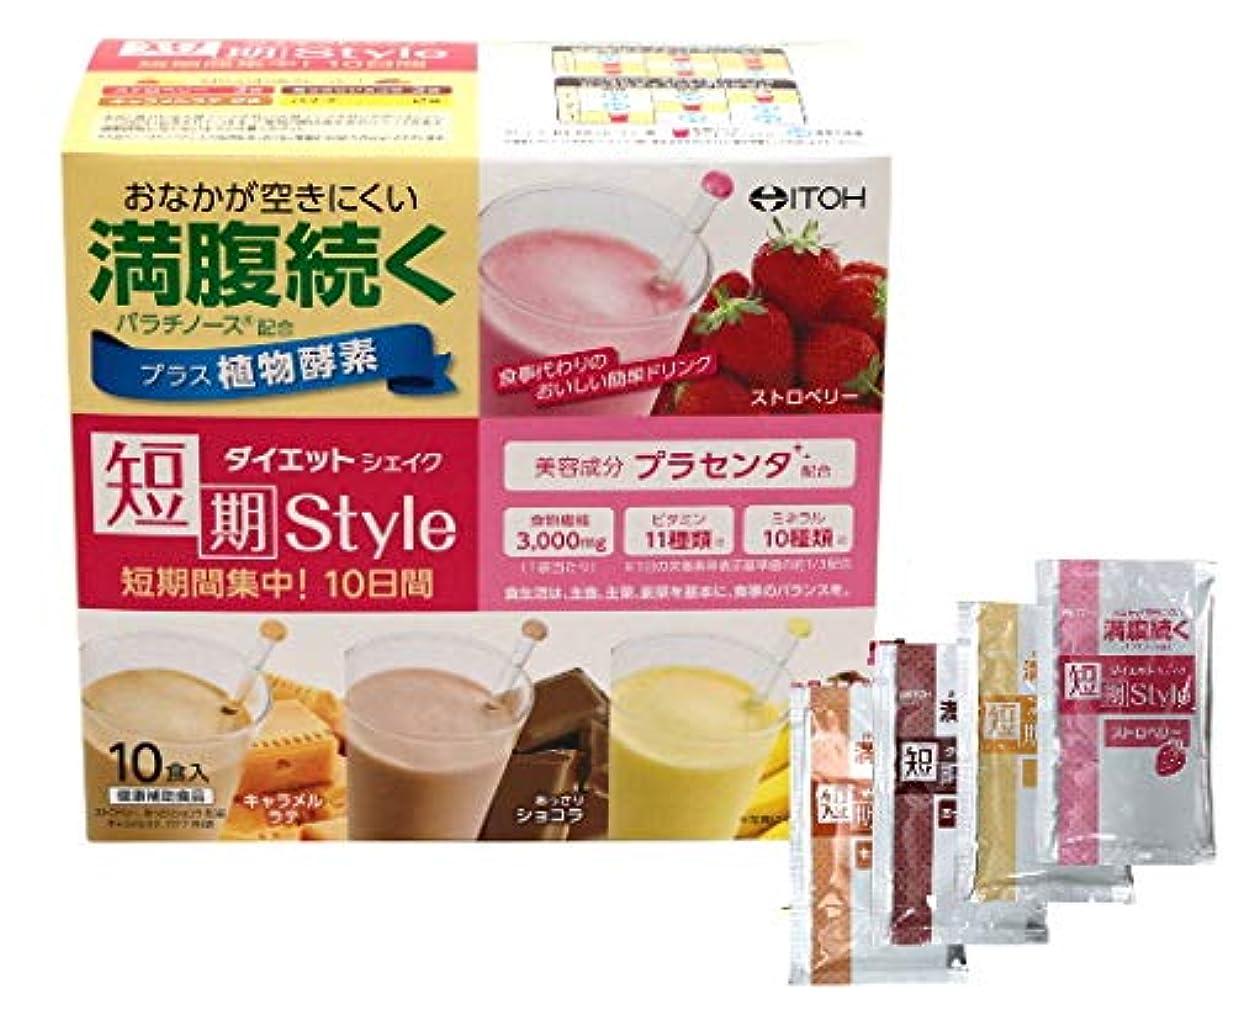 社会科物理的に兄弟愛井藤漢方 短期スタイル ダイエットシェイク(25g×10袋)2個セット